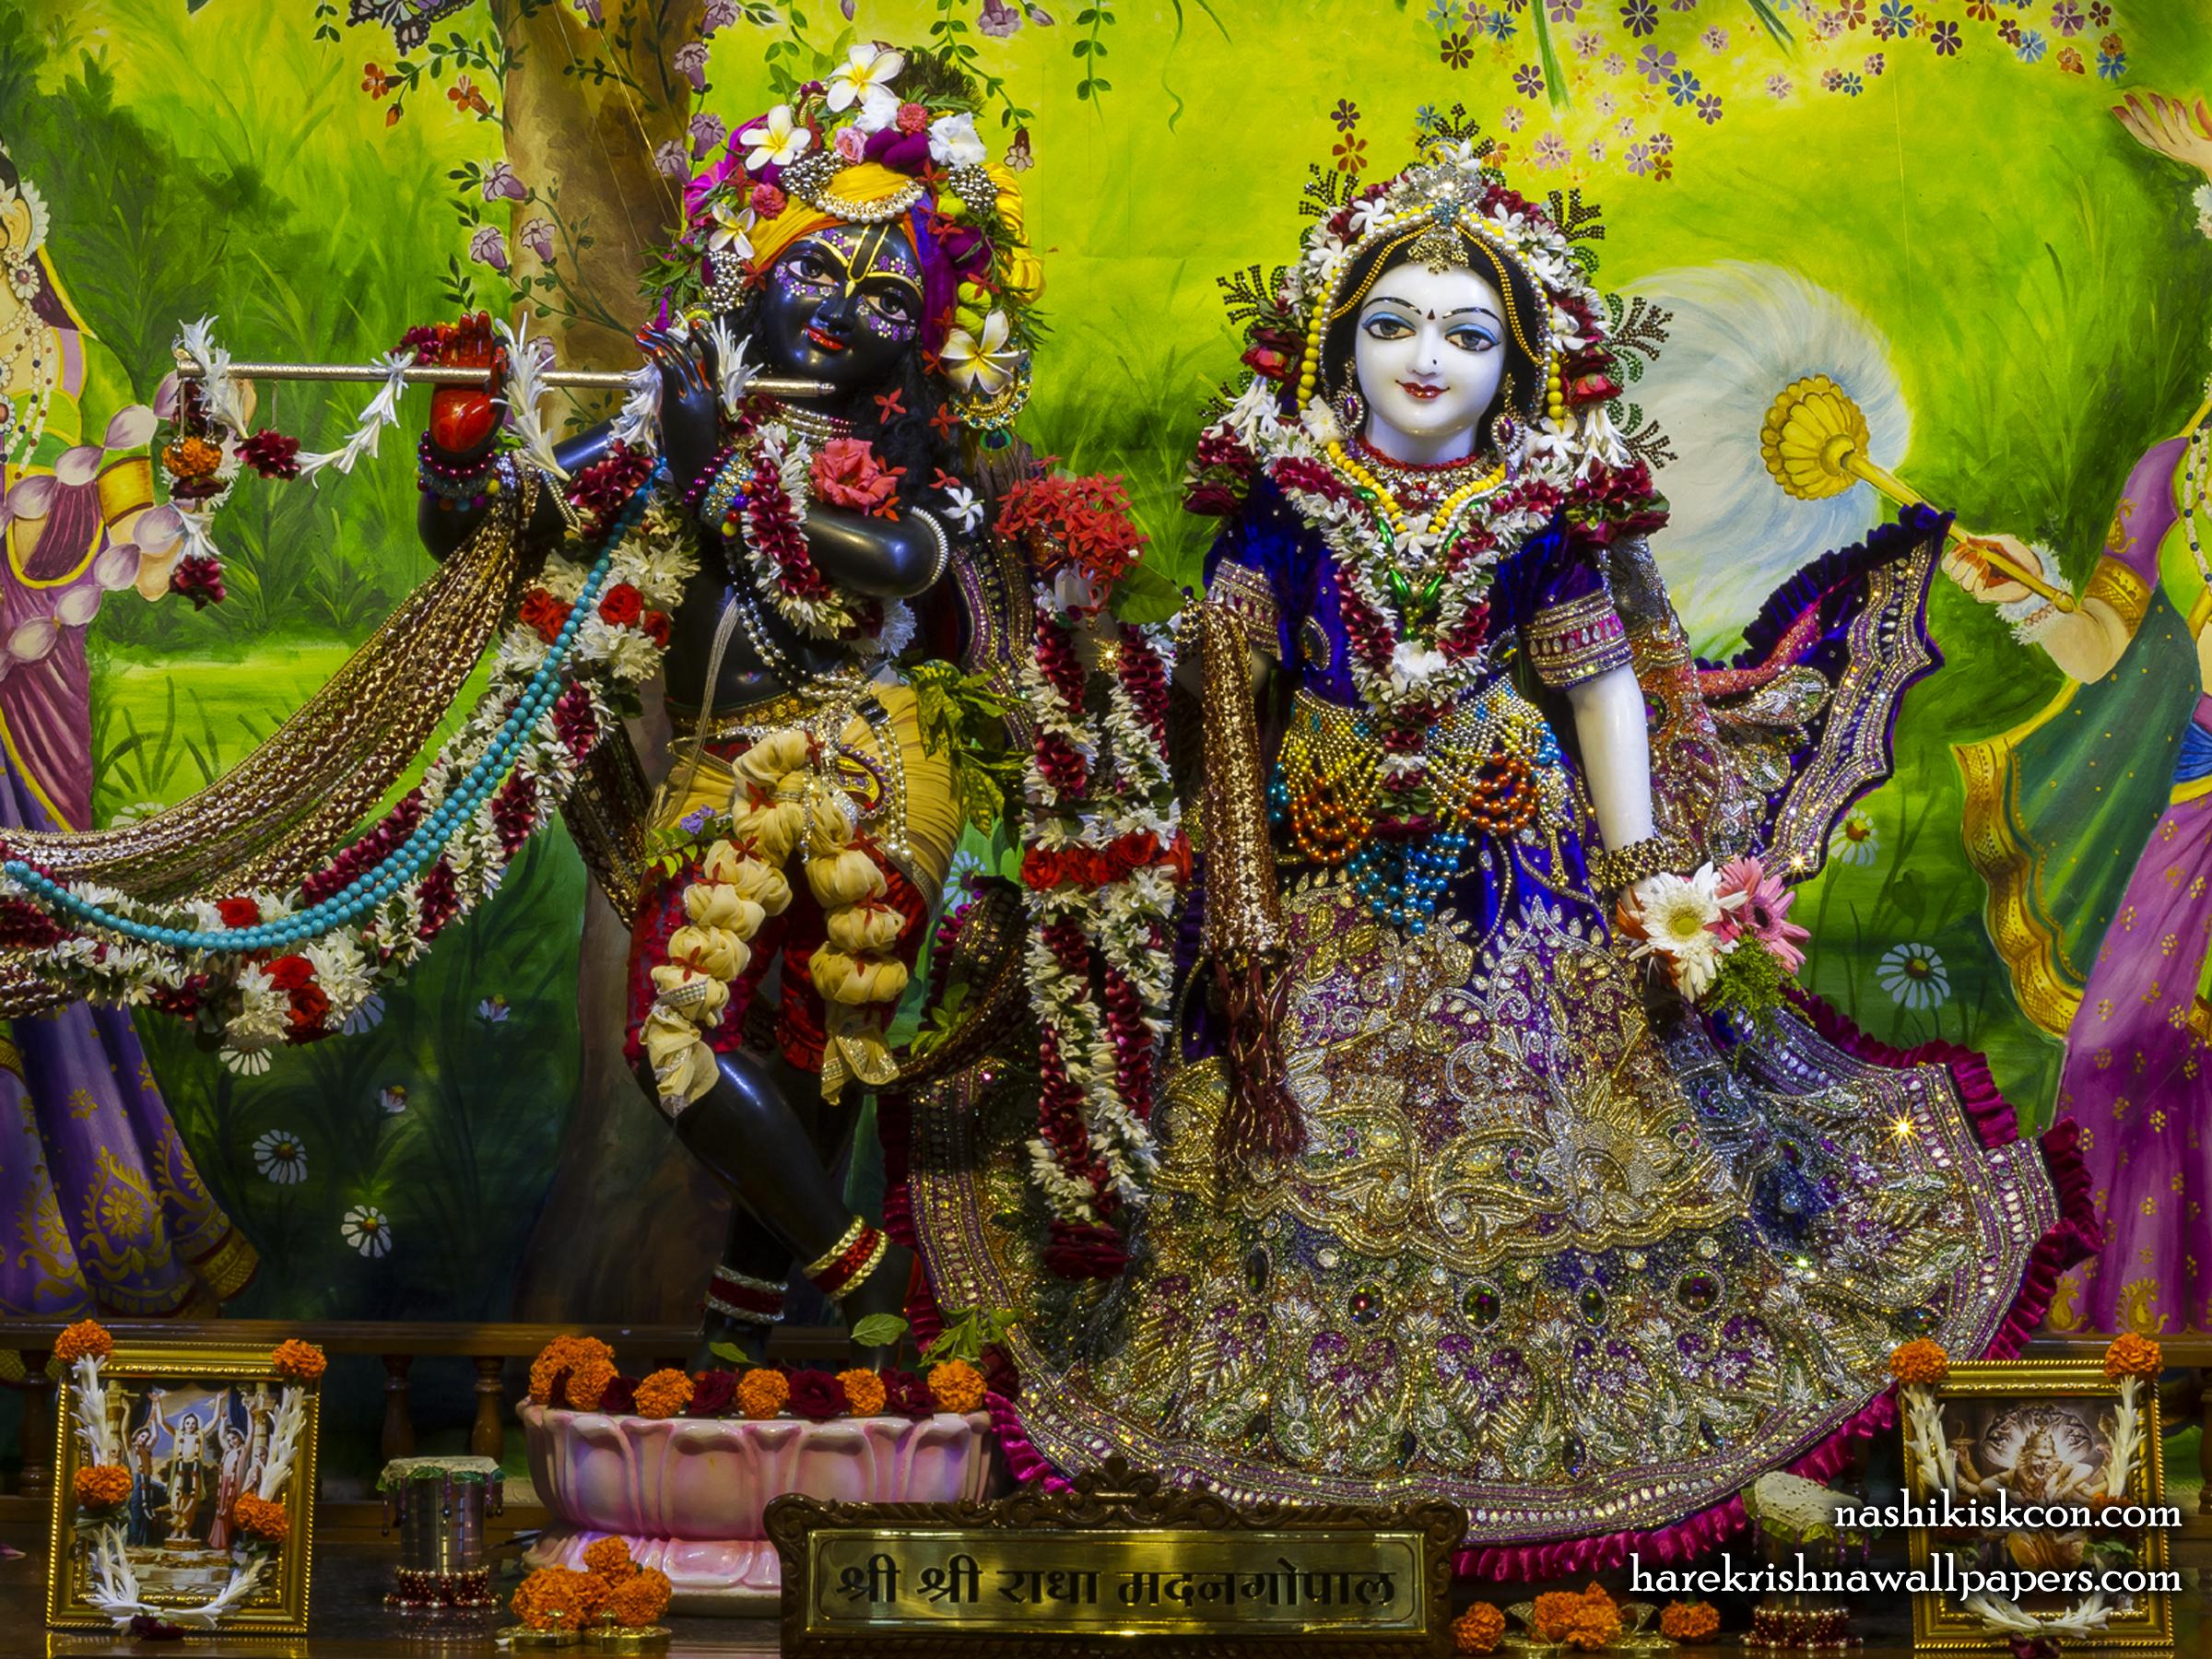 Sri Sri Radha Madan Gopal Wallpaper (022) Size 2400x1800 Download